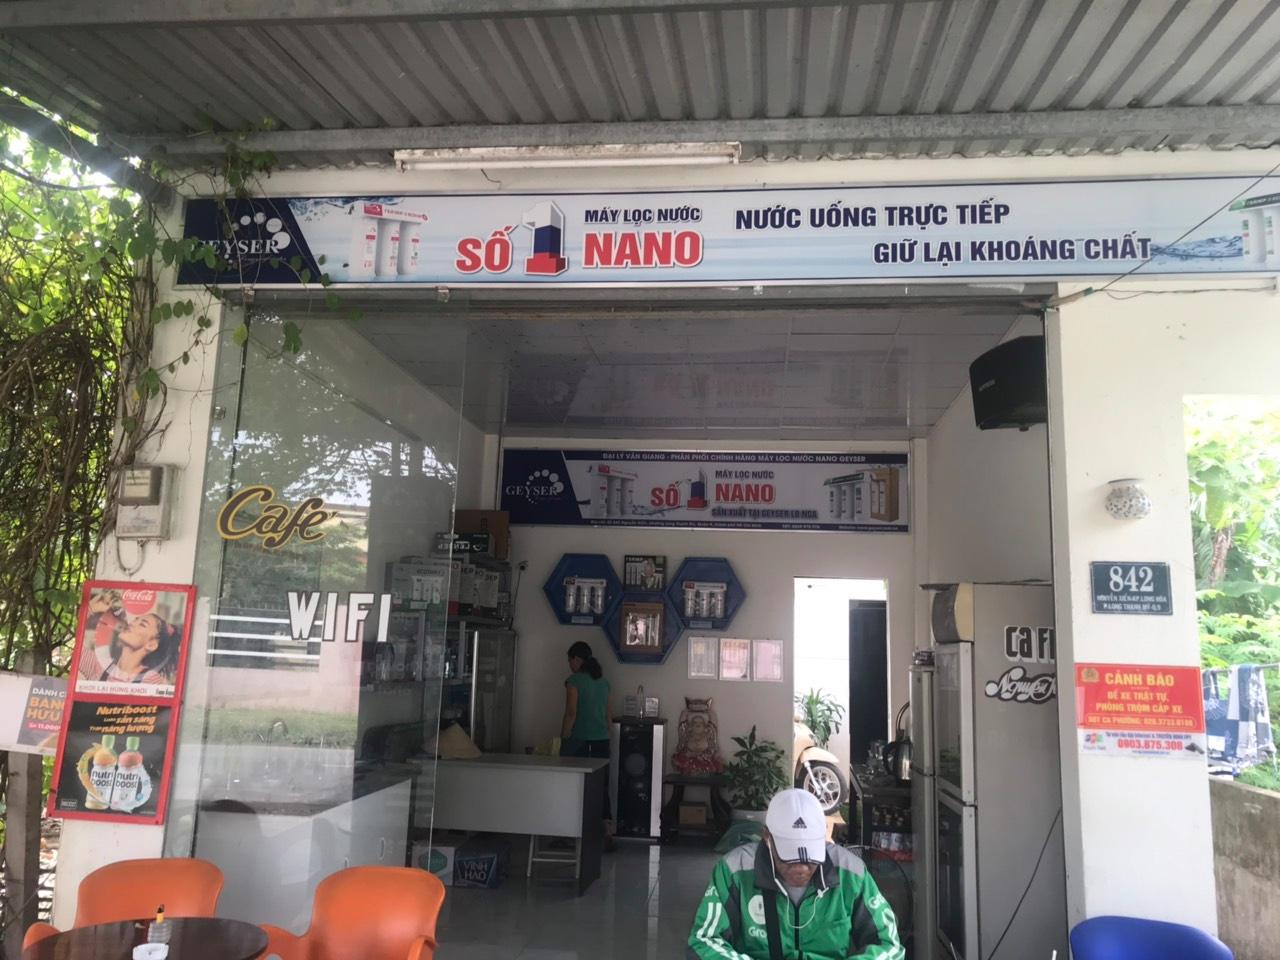 Địa chỉ mua máy lọc nước nano Geyser chính hãng ở TP. Hồ Chí Minh - Ảnh 3